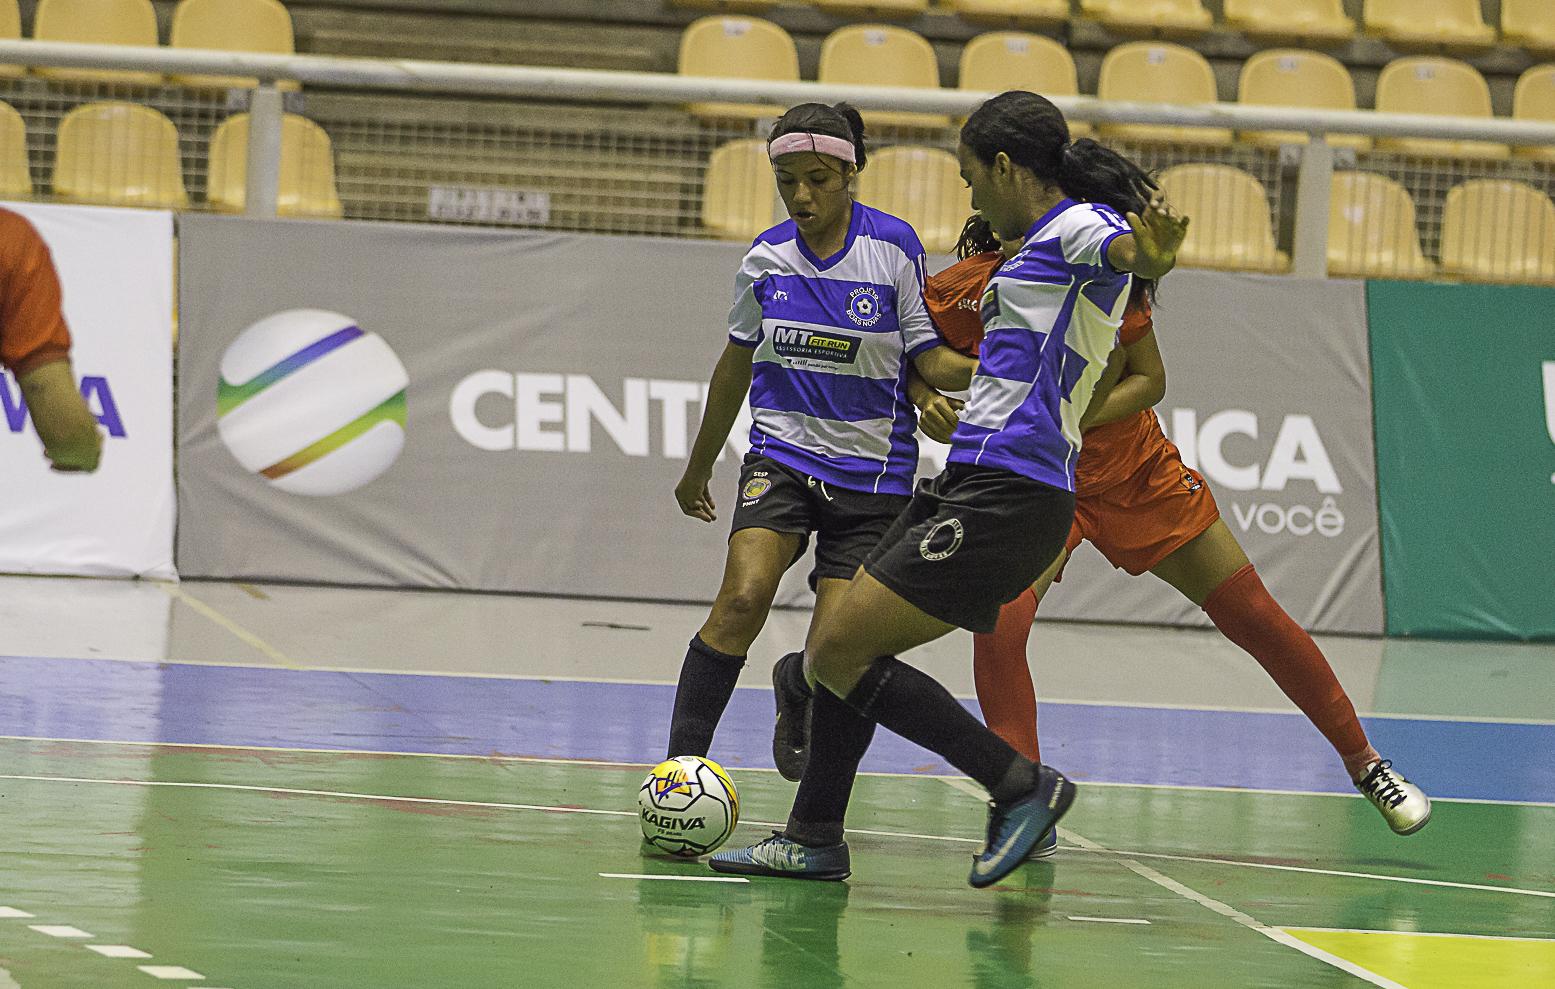 3f431cb6e8 Começaram as inscrições para a Copa Centro América de Futsal 2018 ...